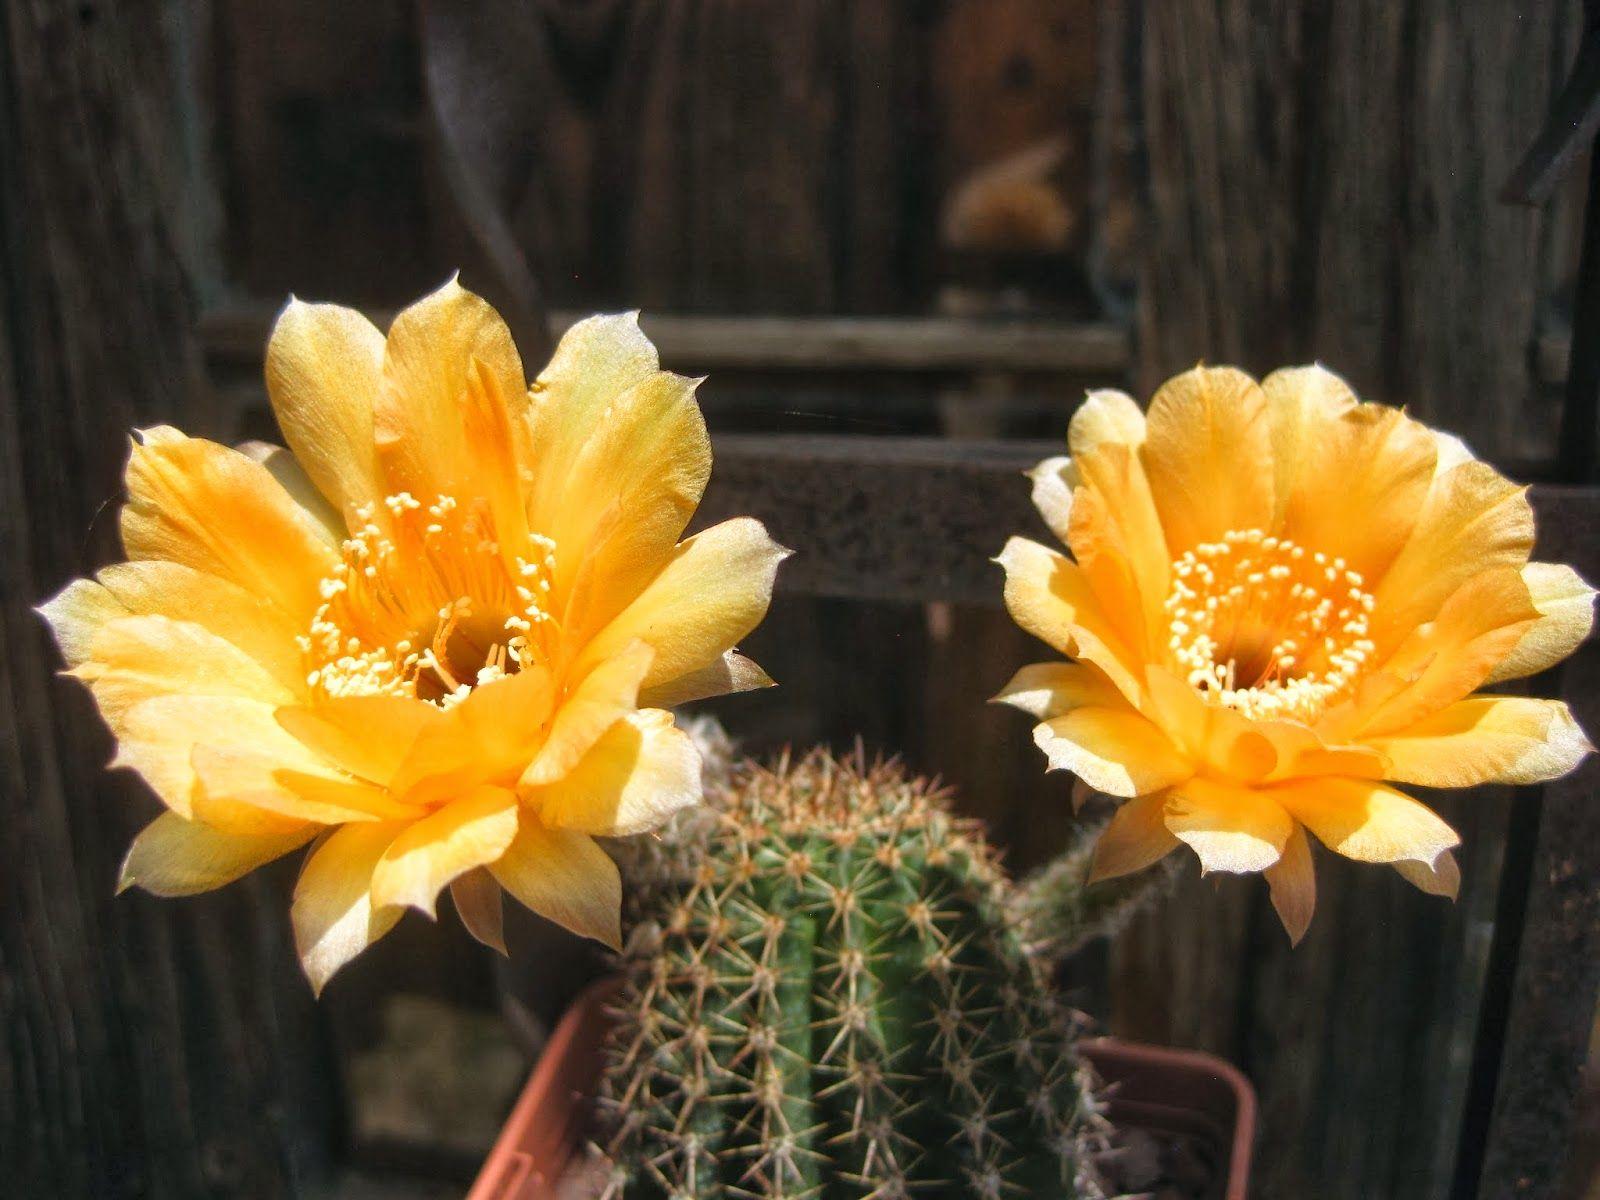 Género cuyas floraciones son espectaculares, su belleza es efímera y algunas veces nos las perdemos por no estar atentos. Echinopsis hib. ...